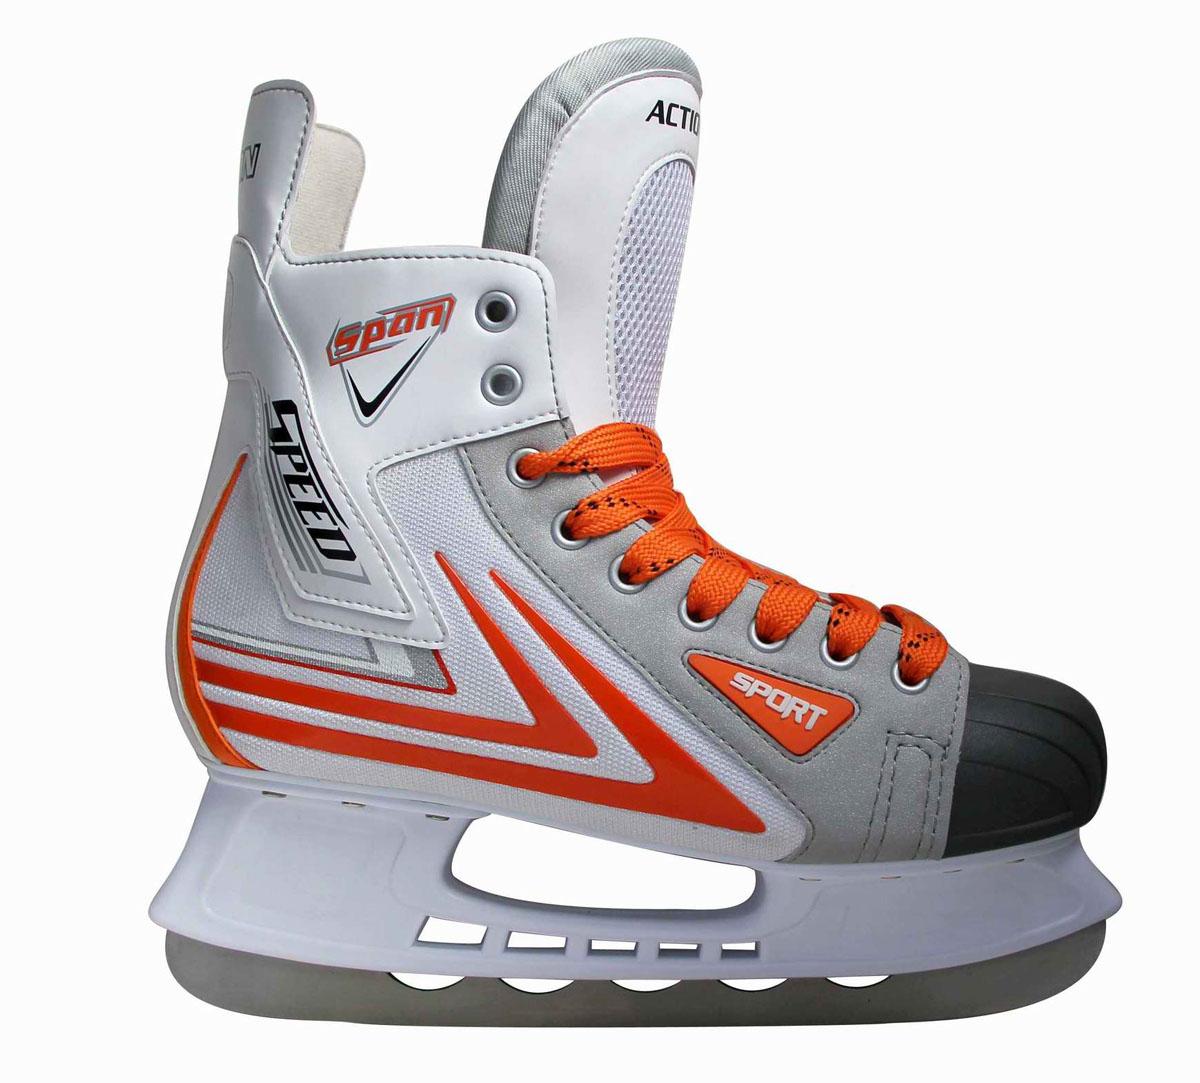 Коньки хоккейные Action, цвет: белый, красный. PW-217. Размер 44